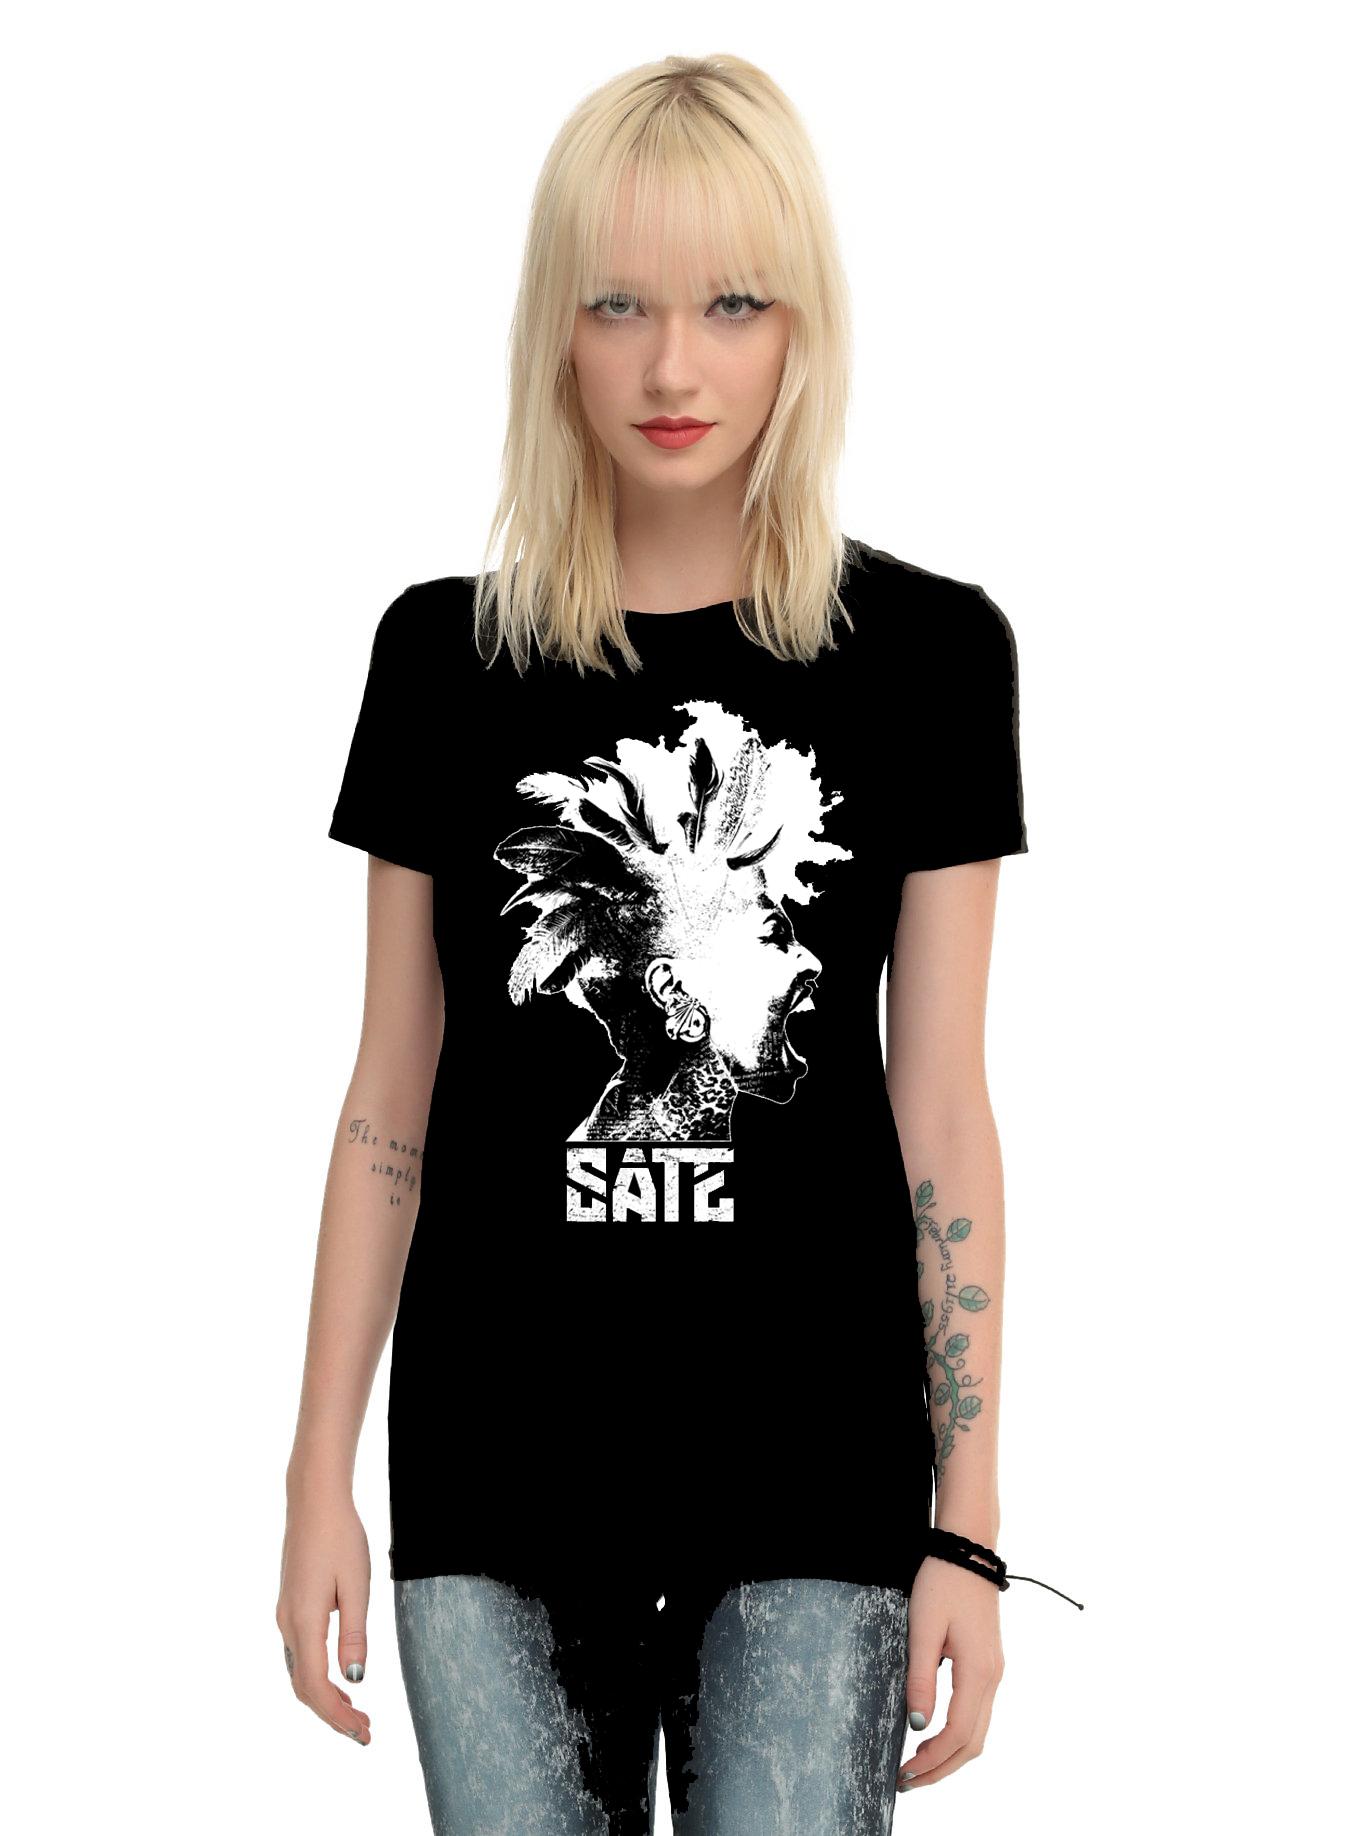 SATE Face Shirt